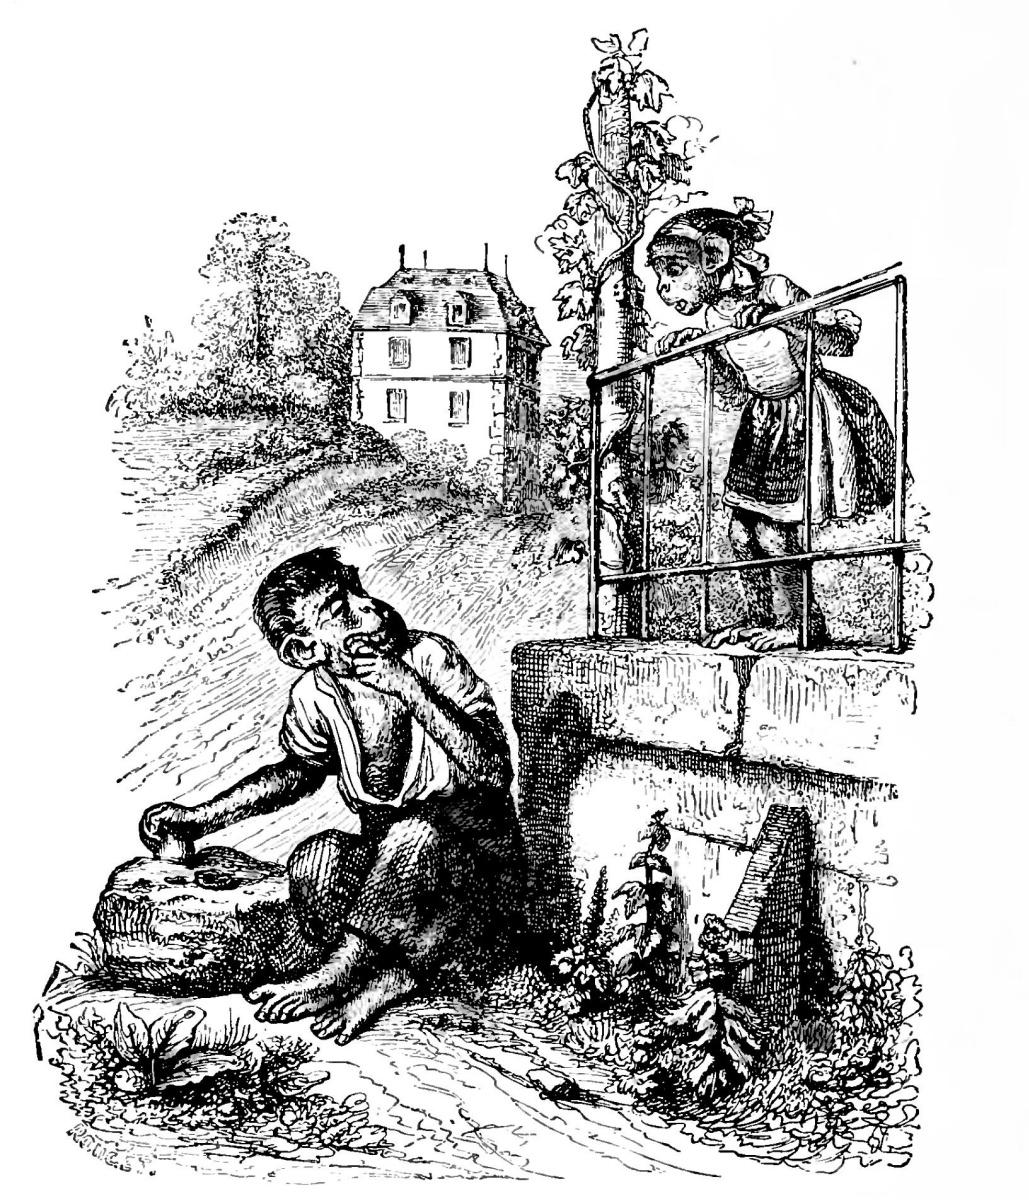 Жан Иньяс Изидор (Жерар) Гранвиль. Мартышка-кривляка. Иллюстрации к басням Флориана